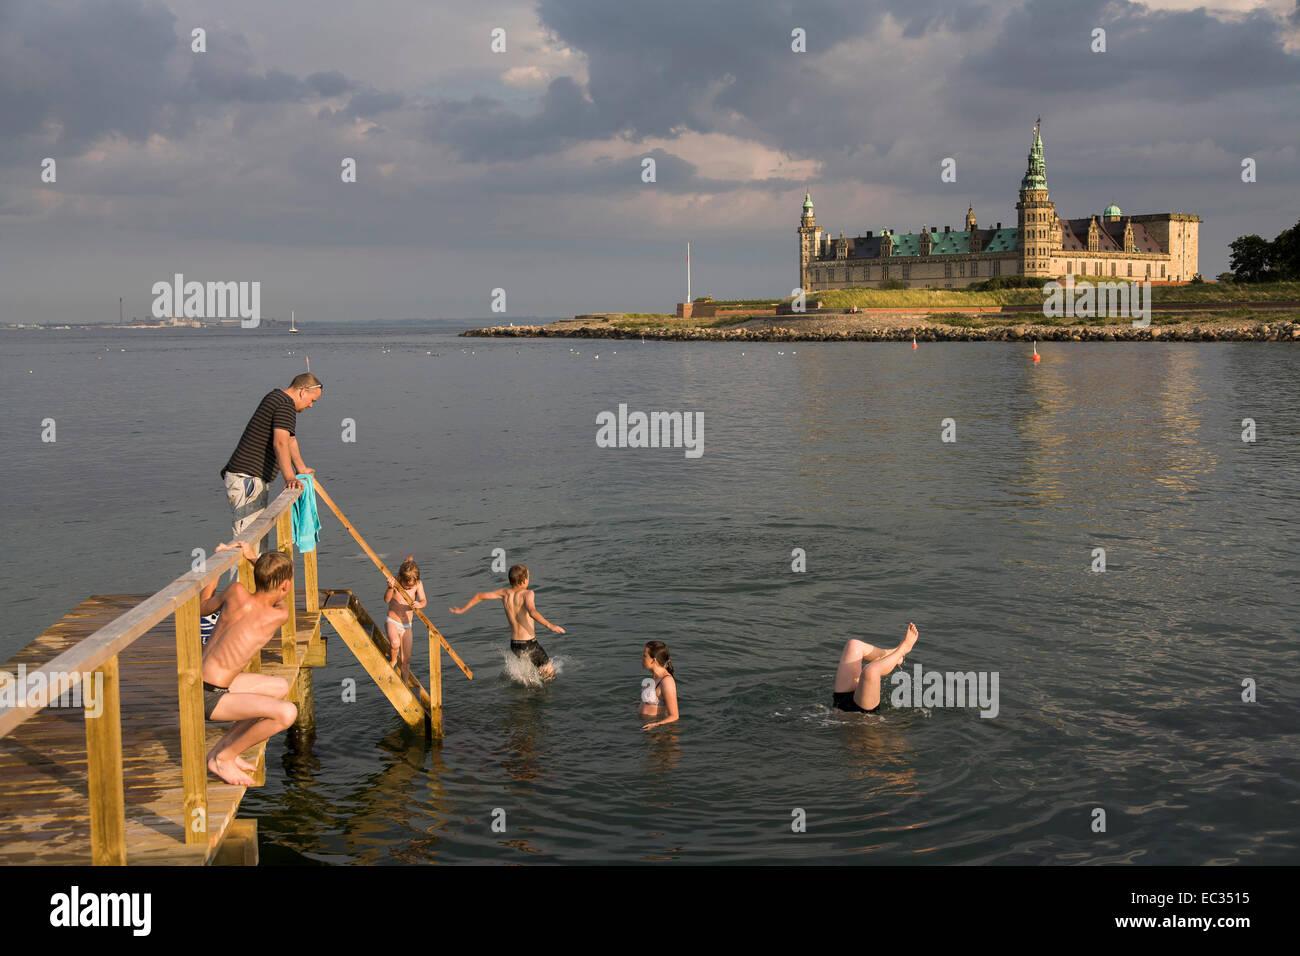 Denmark, Zealand, Helsingor, Kronborg Castle, children swimming from pier, Kattegat - Stock Image